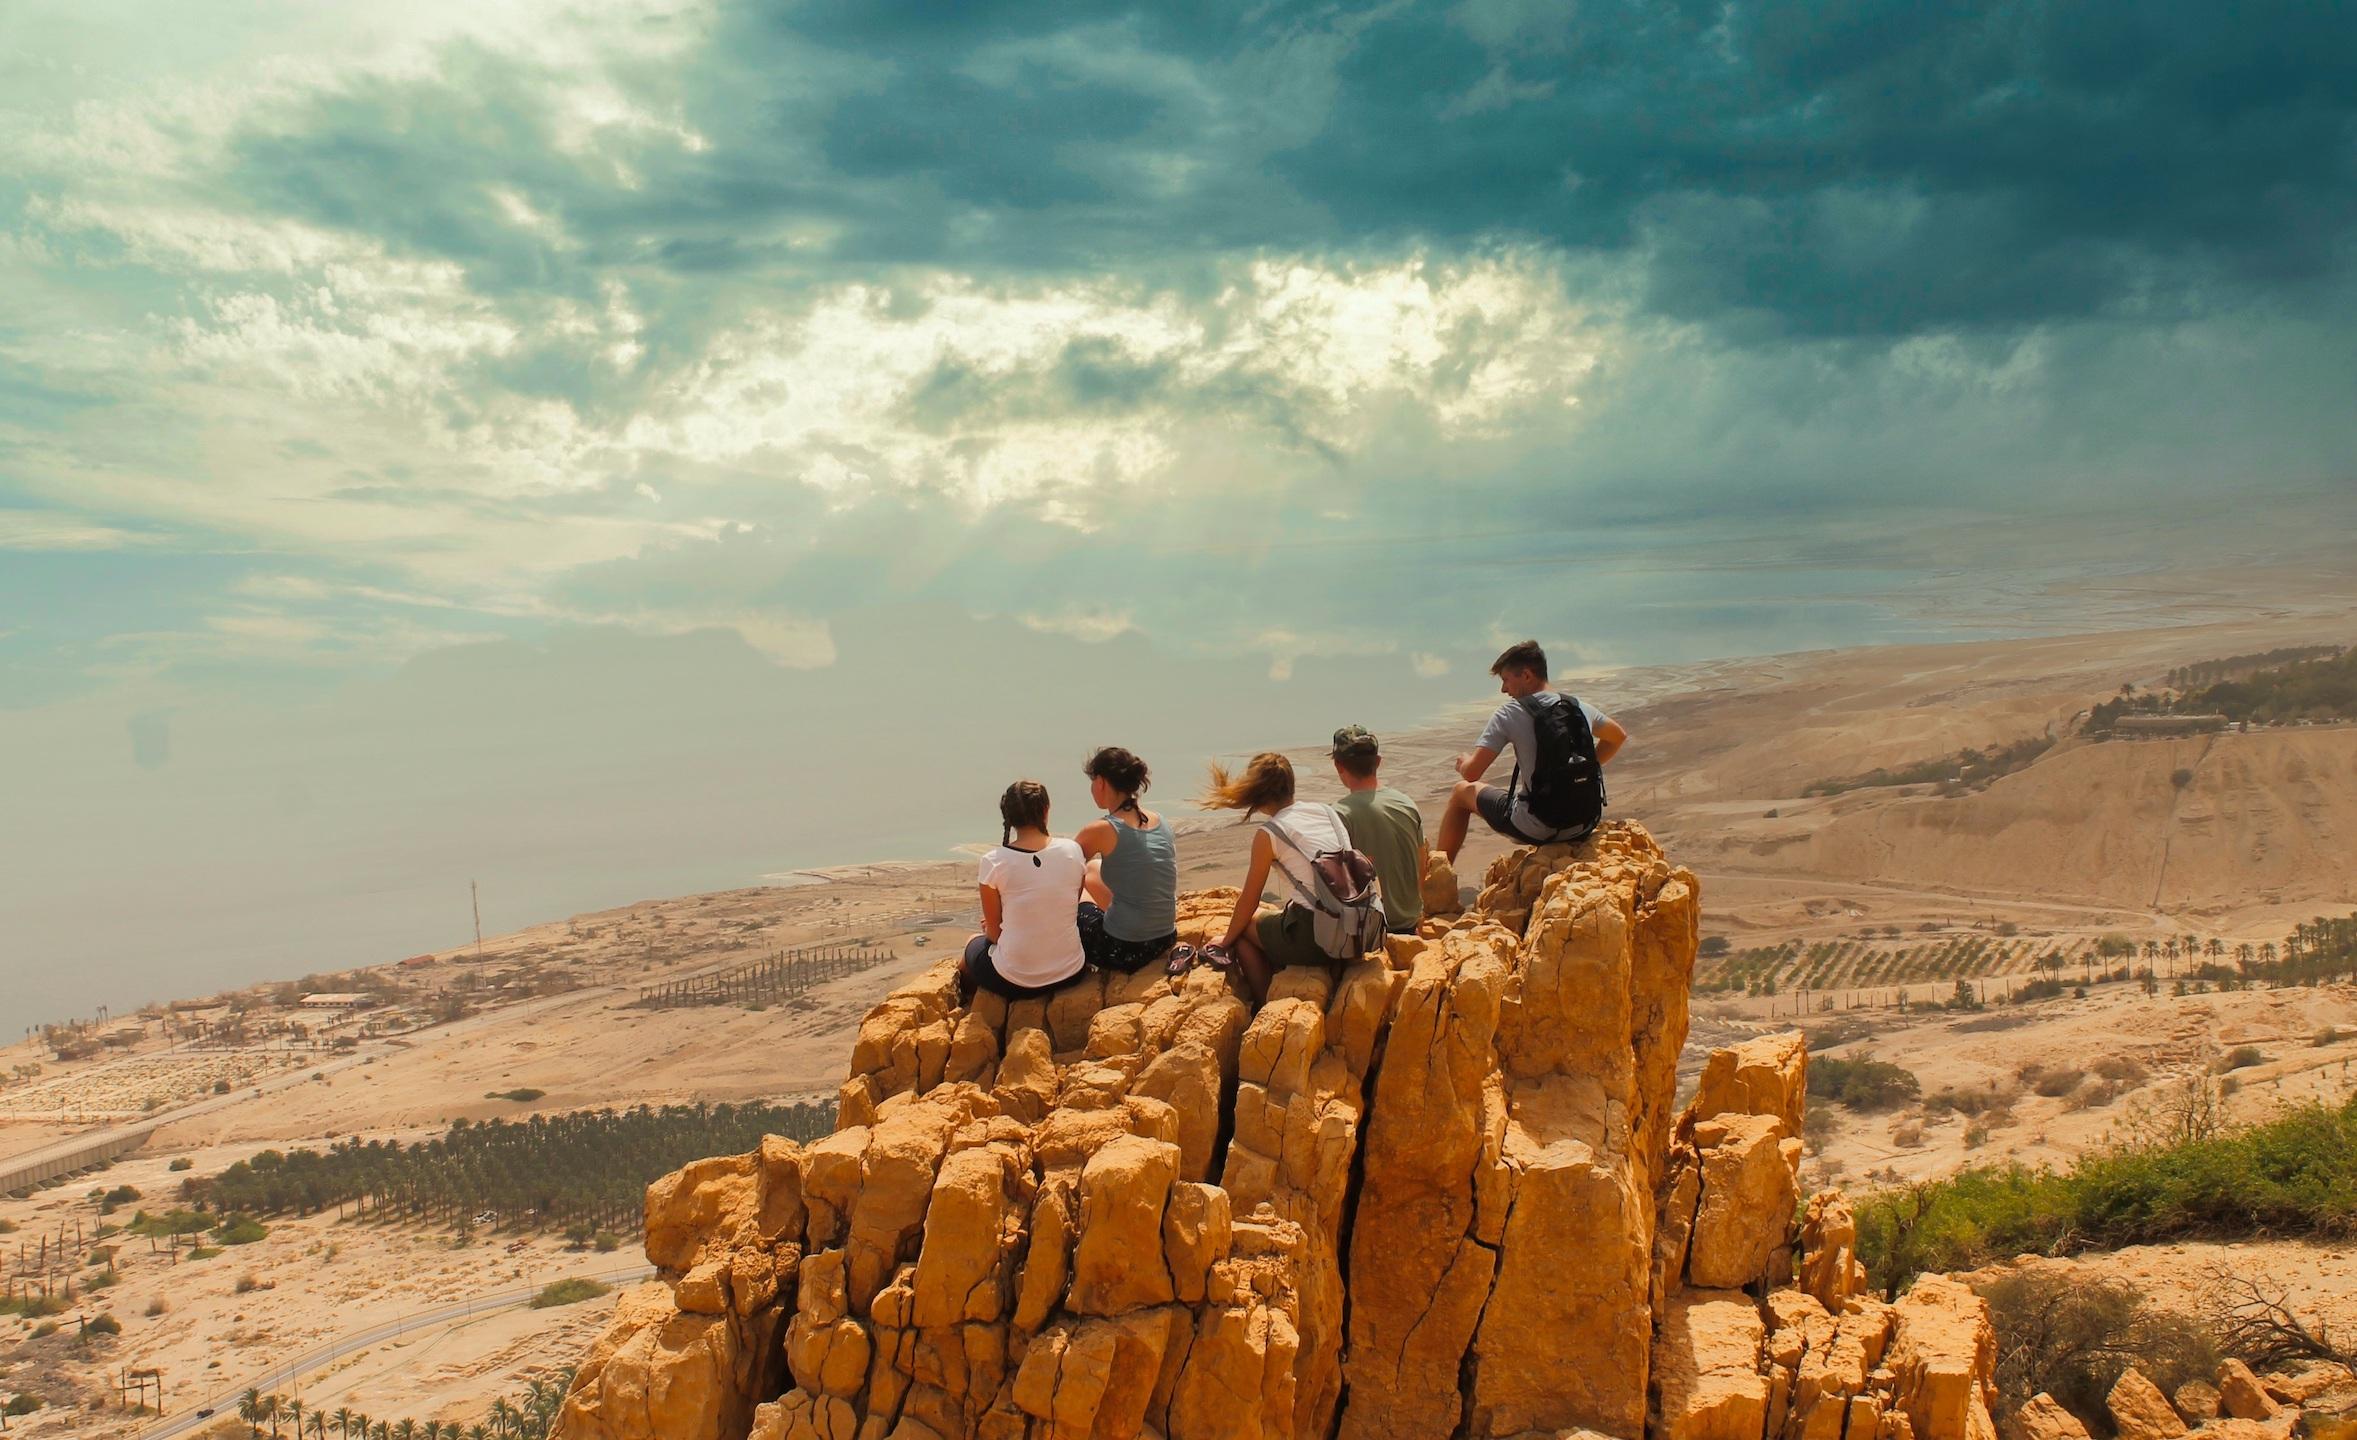 group on rock in Negev desert